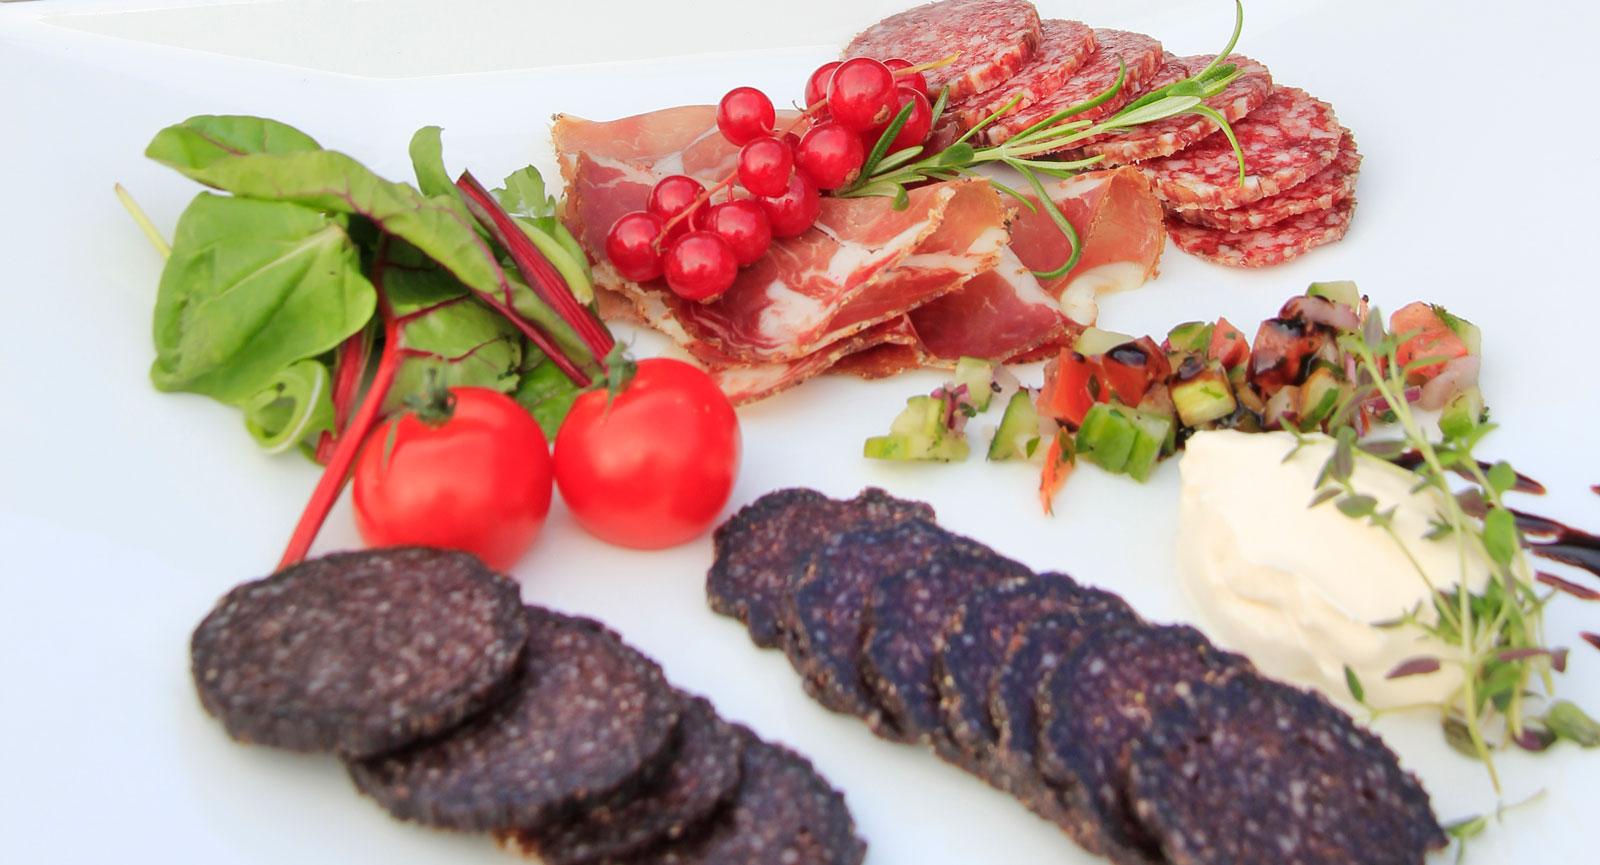 """Lokalt. Norsk """"spekemat"""", med lufttorkat kött och smakrika korvar, är ett måste under Lillehammerbesöket."""